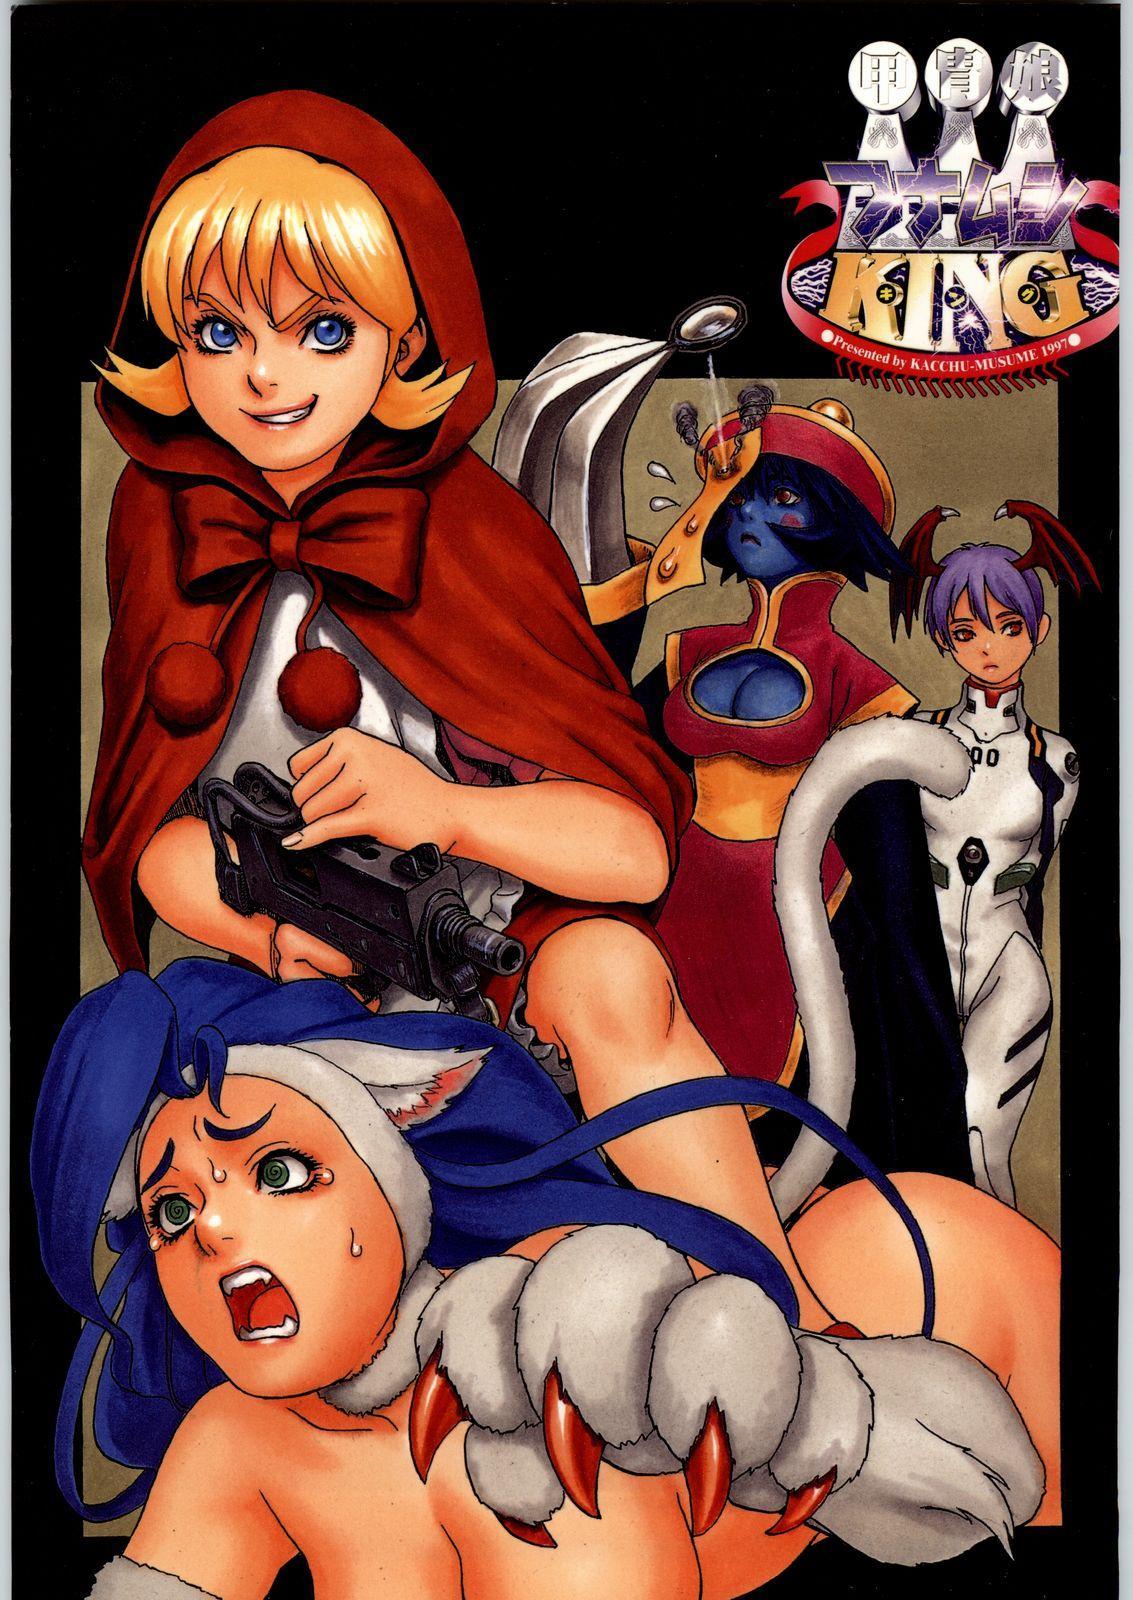 Funamushi King 0